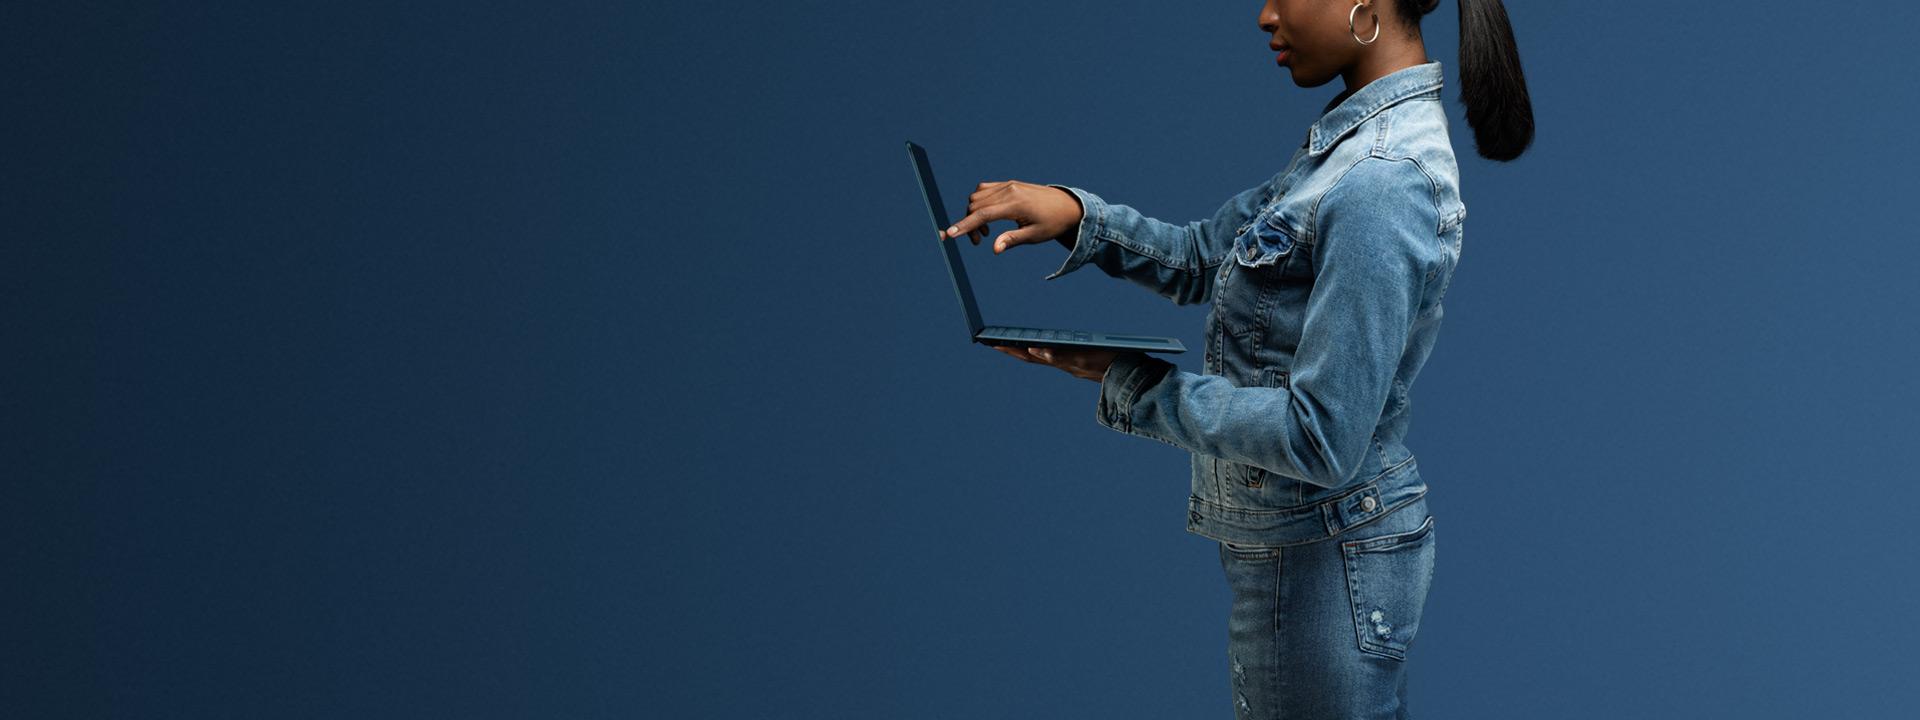 Tytöllä on Surface Laptop 2, jonka näyttöä hän koskee